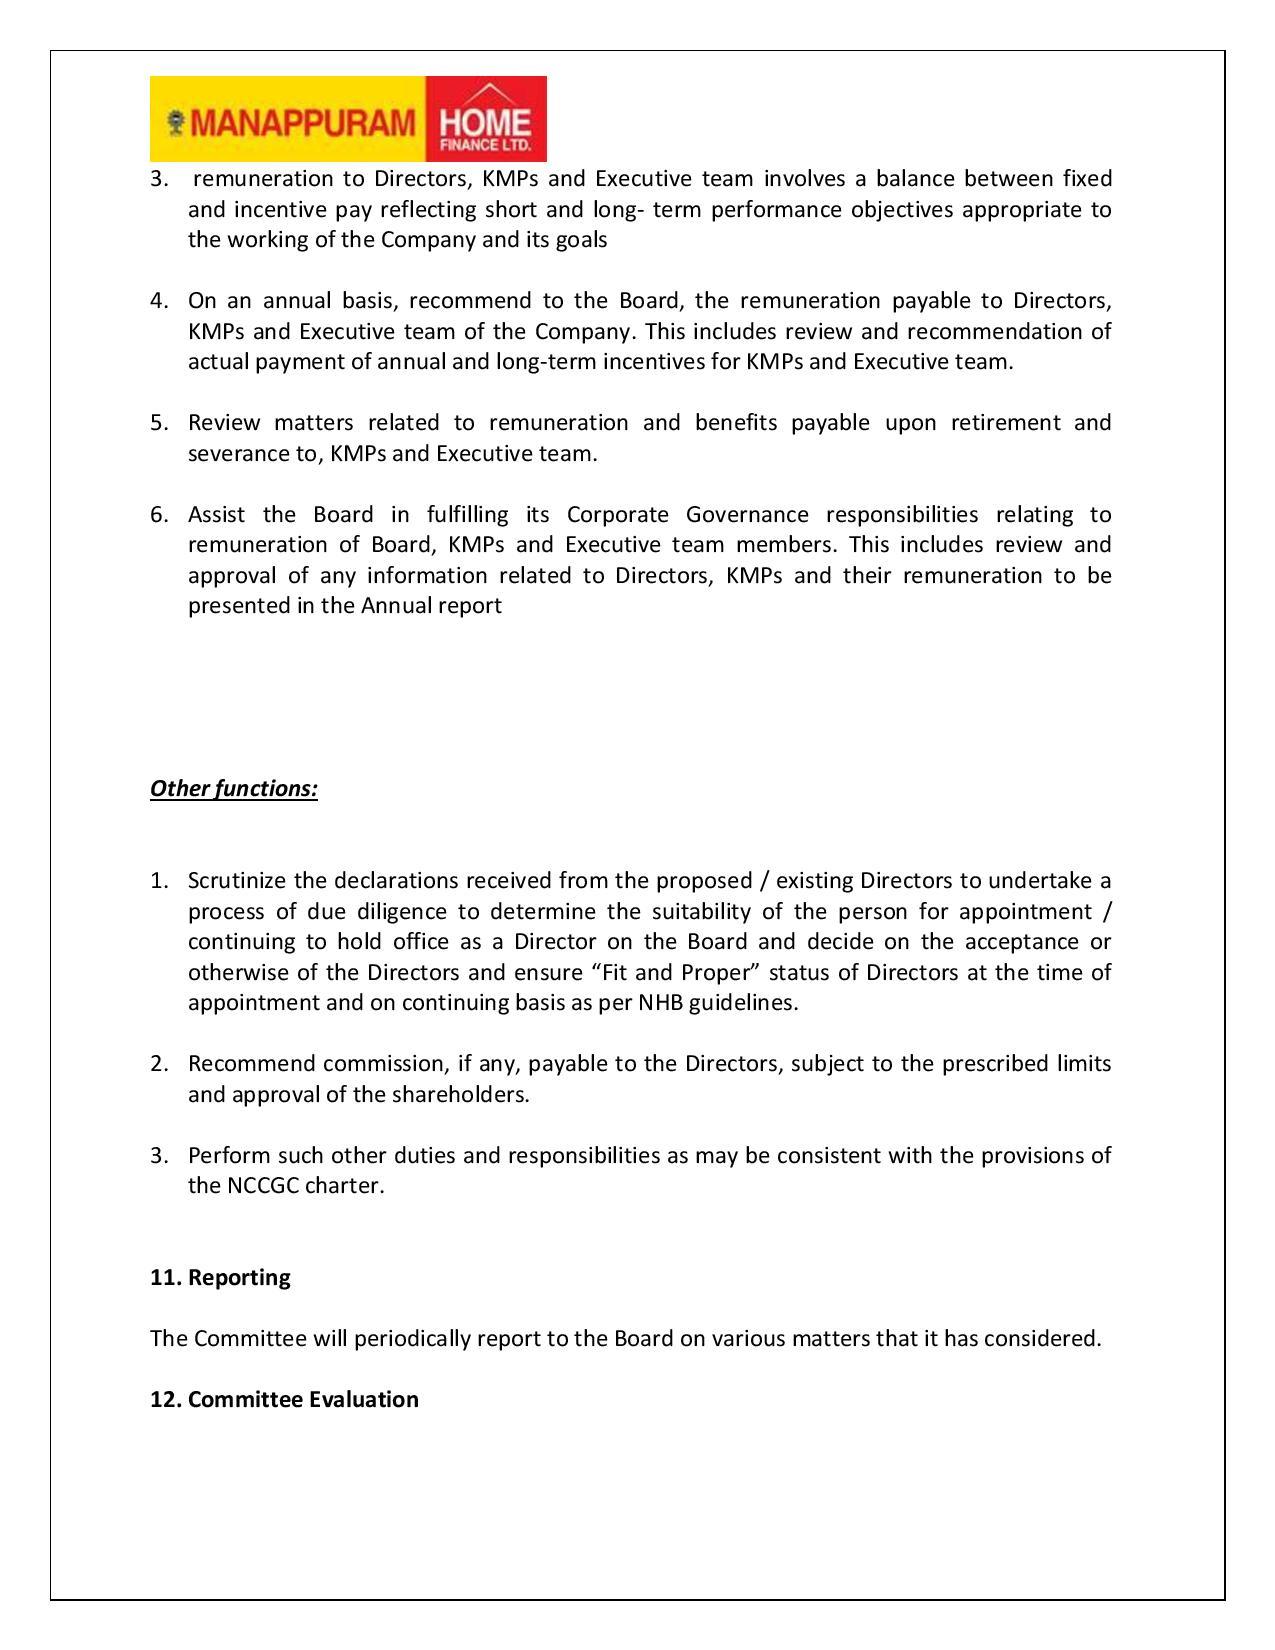 Investors manappuram list of documents falaconquin